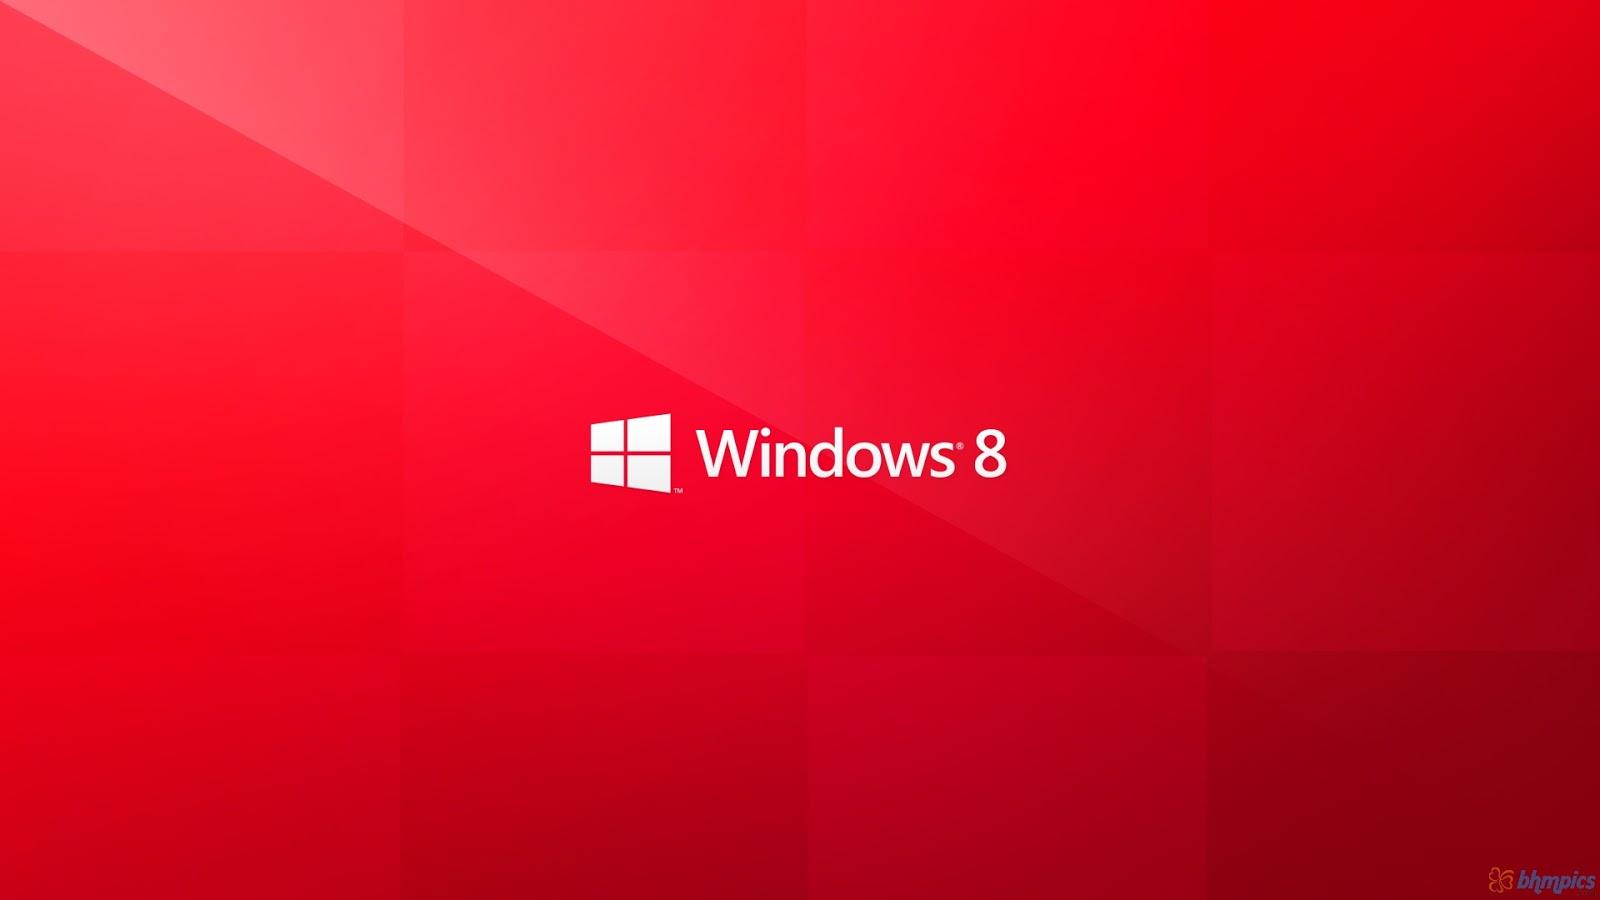 Windows 8 Metro Red Wallpaper , Windows 8 Metro Red Free Wallpaper ...